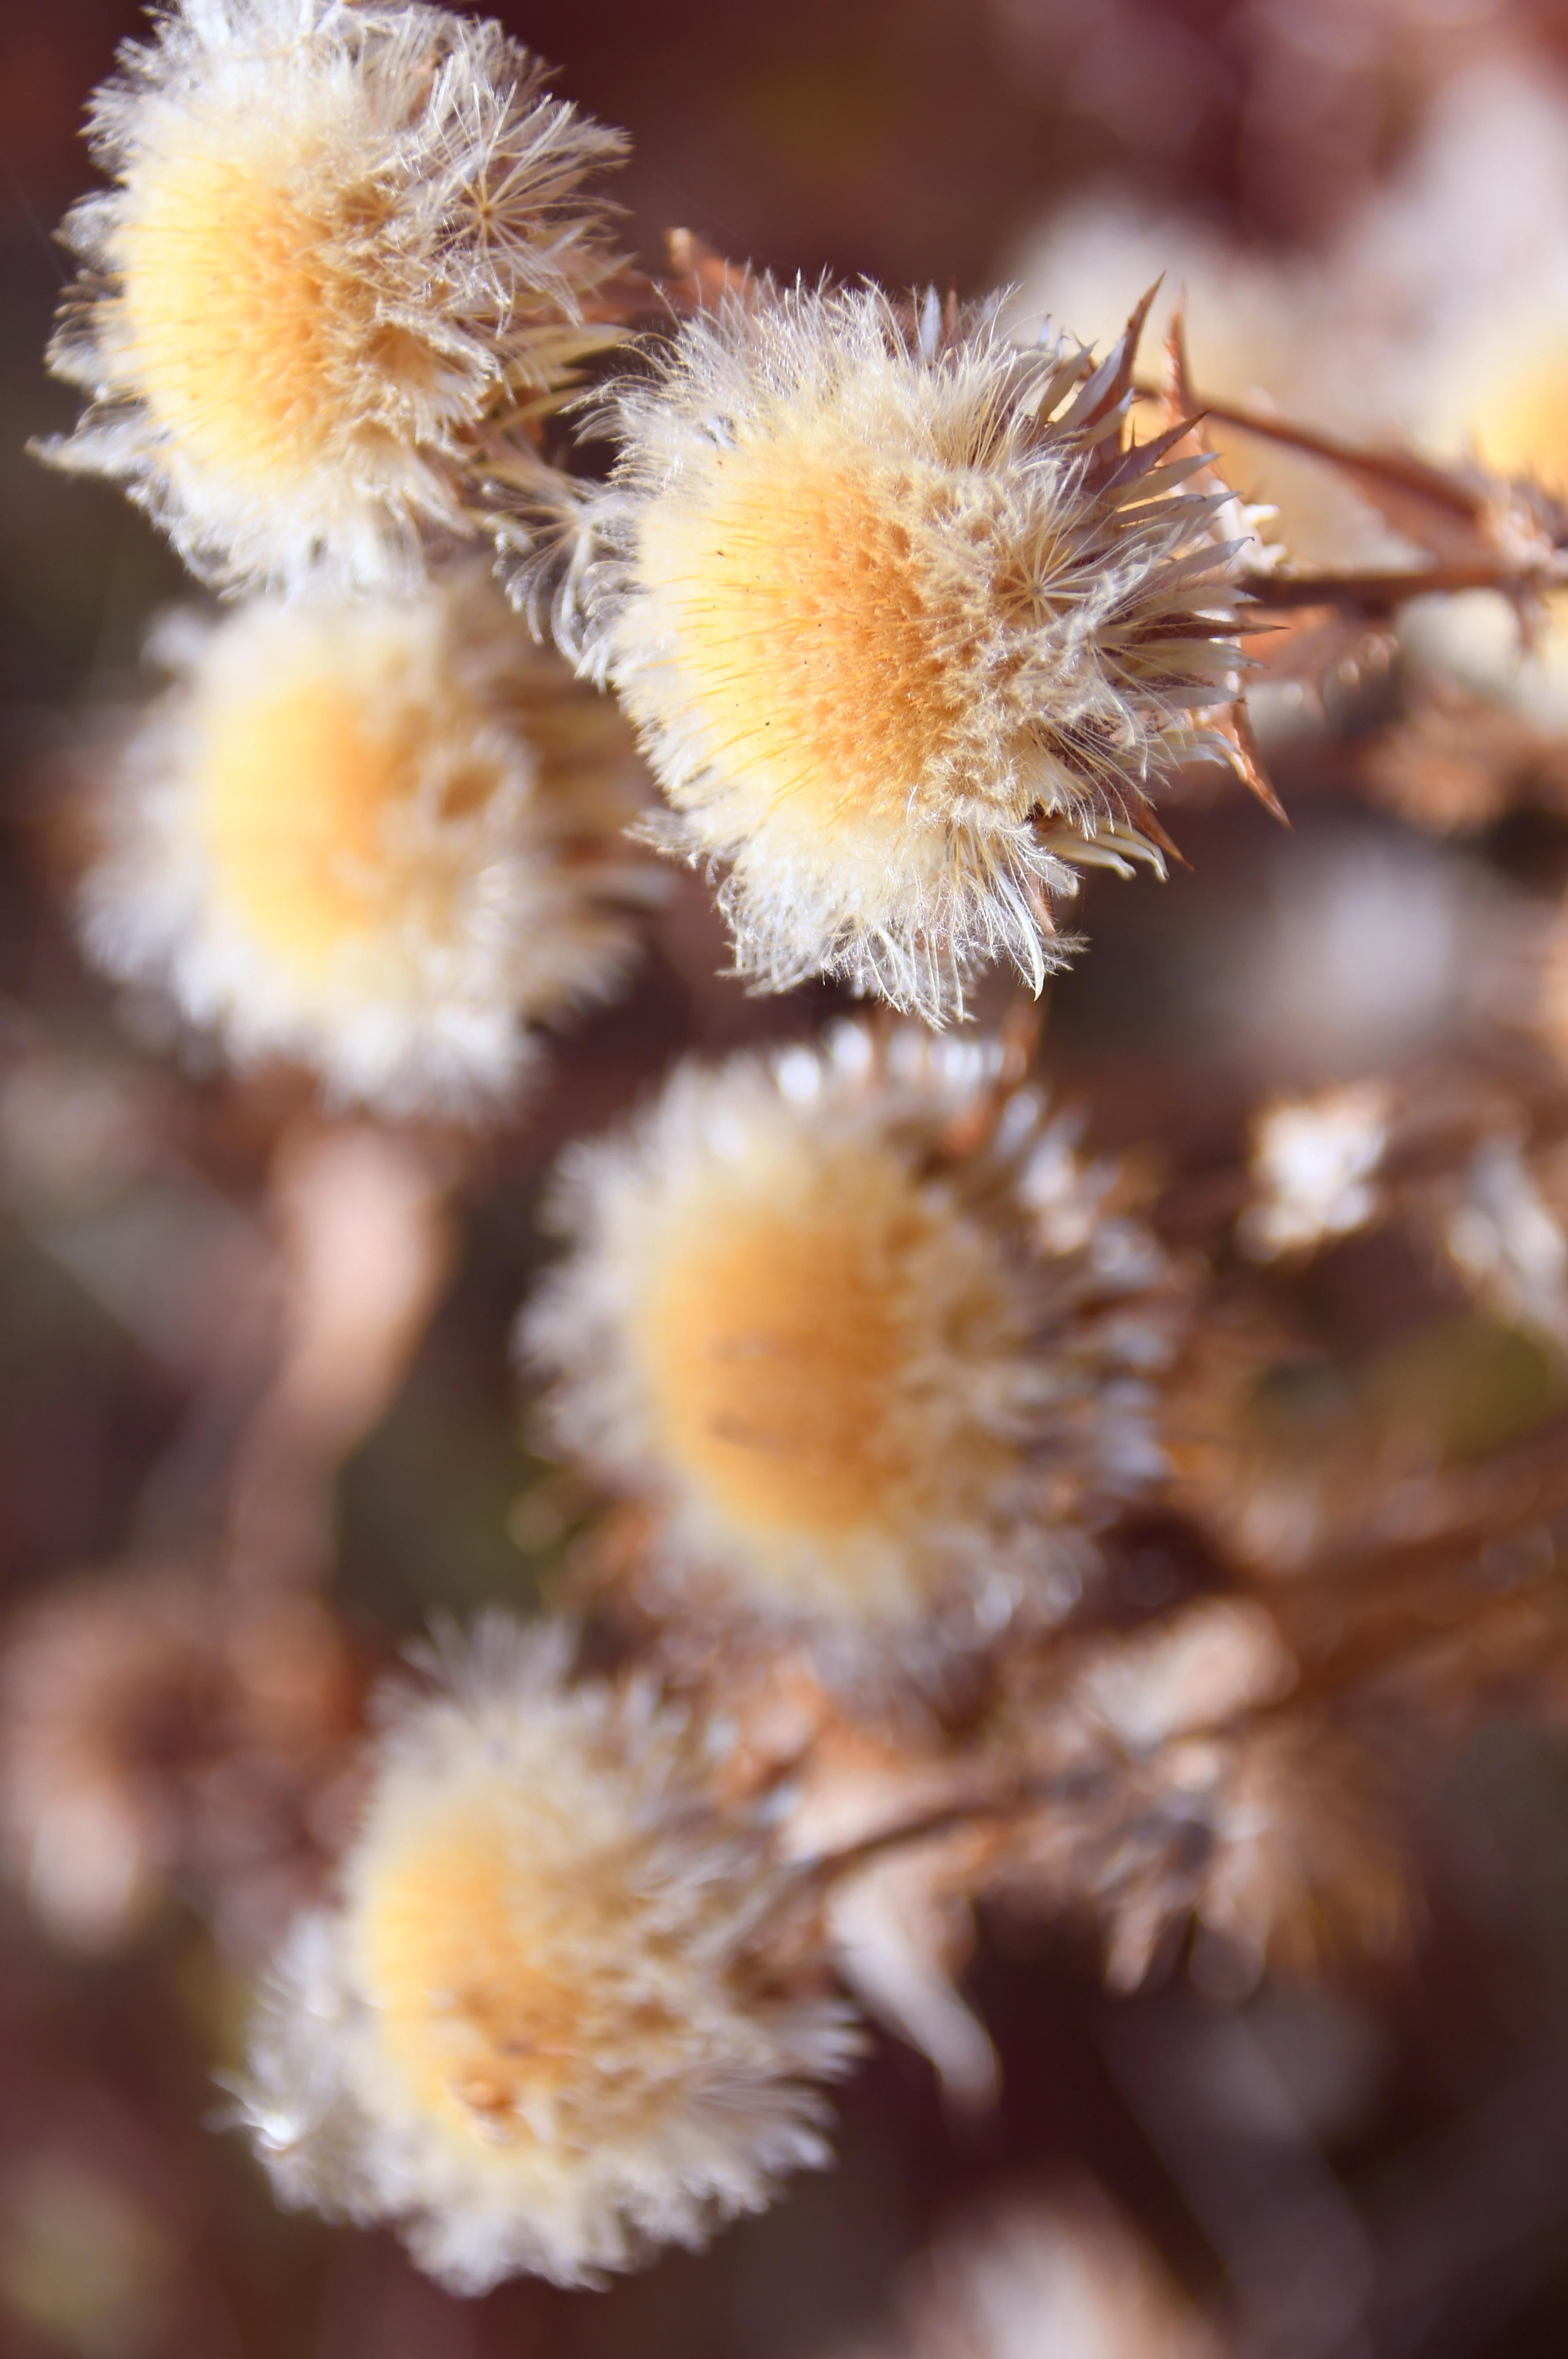 hình ảnh : khô, Mùa thu, bị cô lập, lý lịch, thực vật, trắng, đã chết, thiên nhiên, hàng đầu, bàn, Gỗ, tự nhiên, Cây ngưu bàng, sắc đẹp, vẻ đẹp, ngã, ...